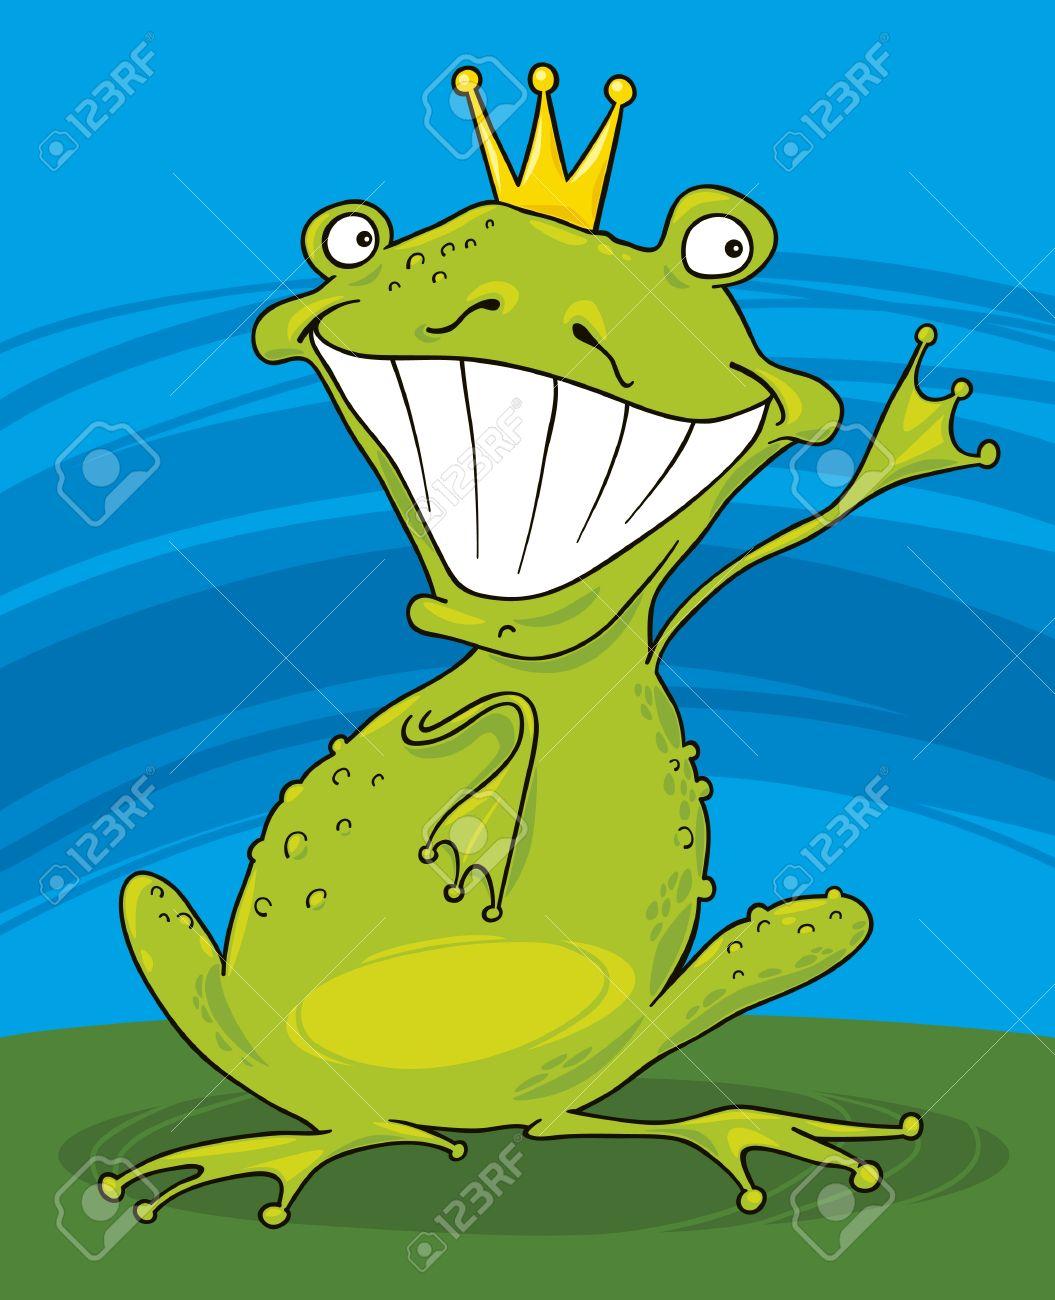 Ilustración De Dibujos Animados De Funny Príncipe Rana Ilustraciones ...